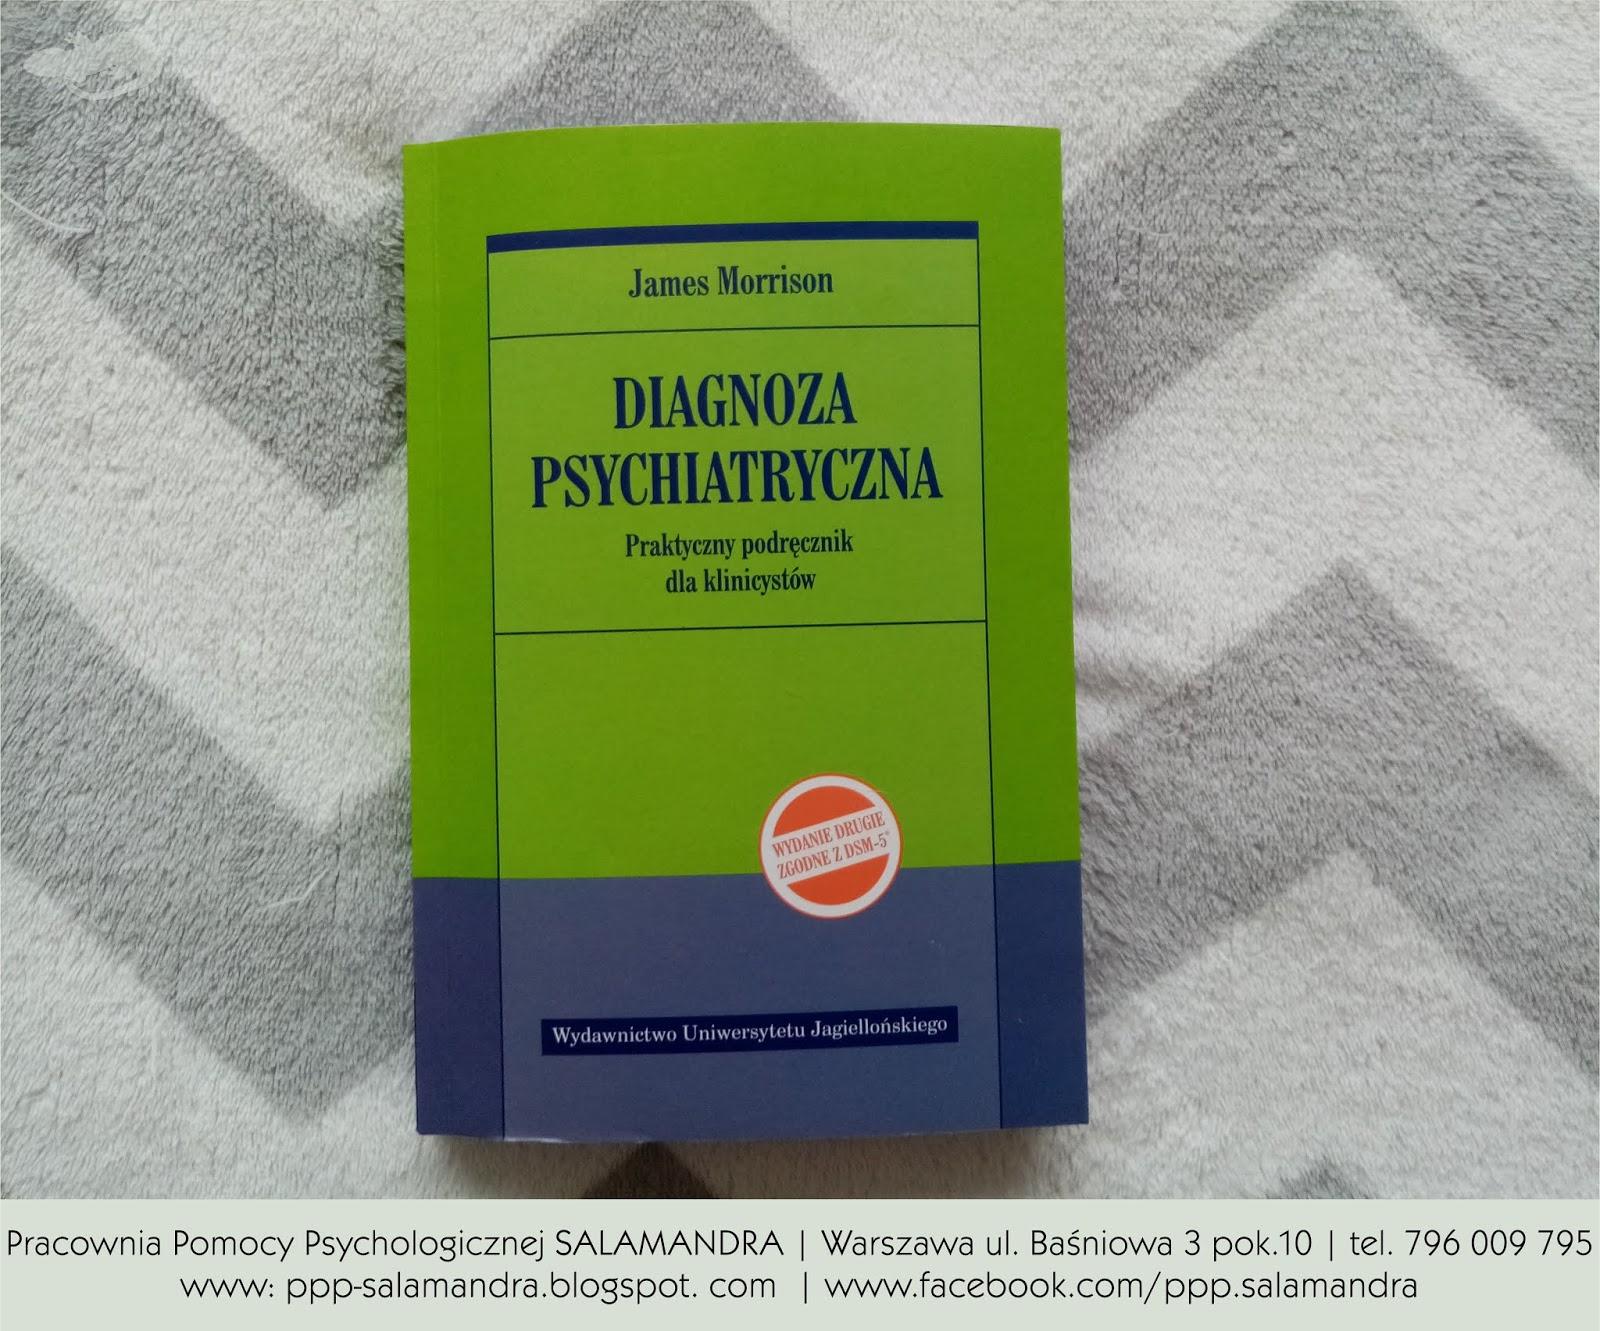 """""""Diagnoza psychiatryczna"""" - recenzja podręcznika wydanego przez Wydawnictwo Uniwersytetu Jagiellońskiego."""